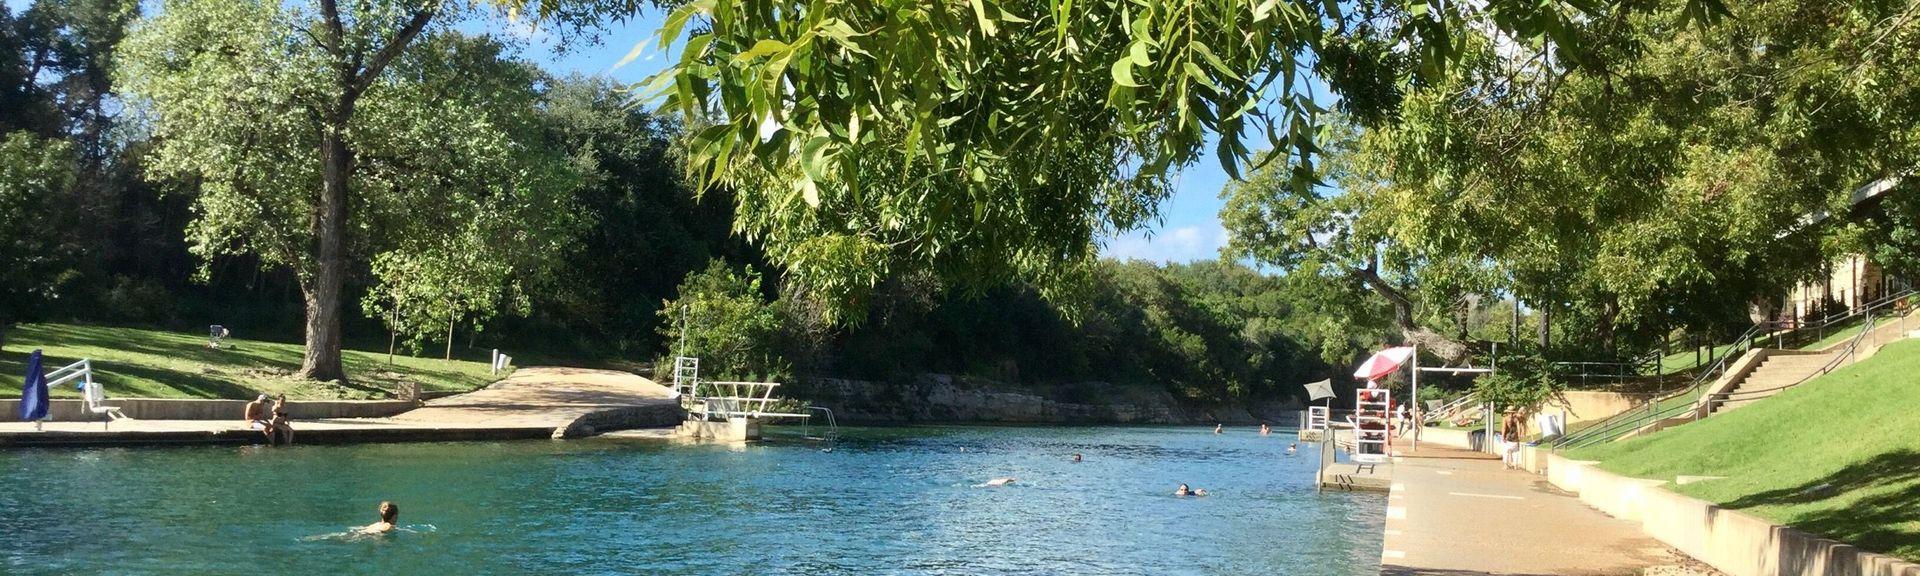 Barton Springs Pool, Austin, Texas, États-Unis d'Amérique